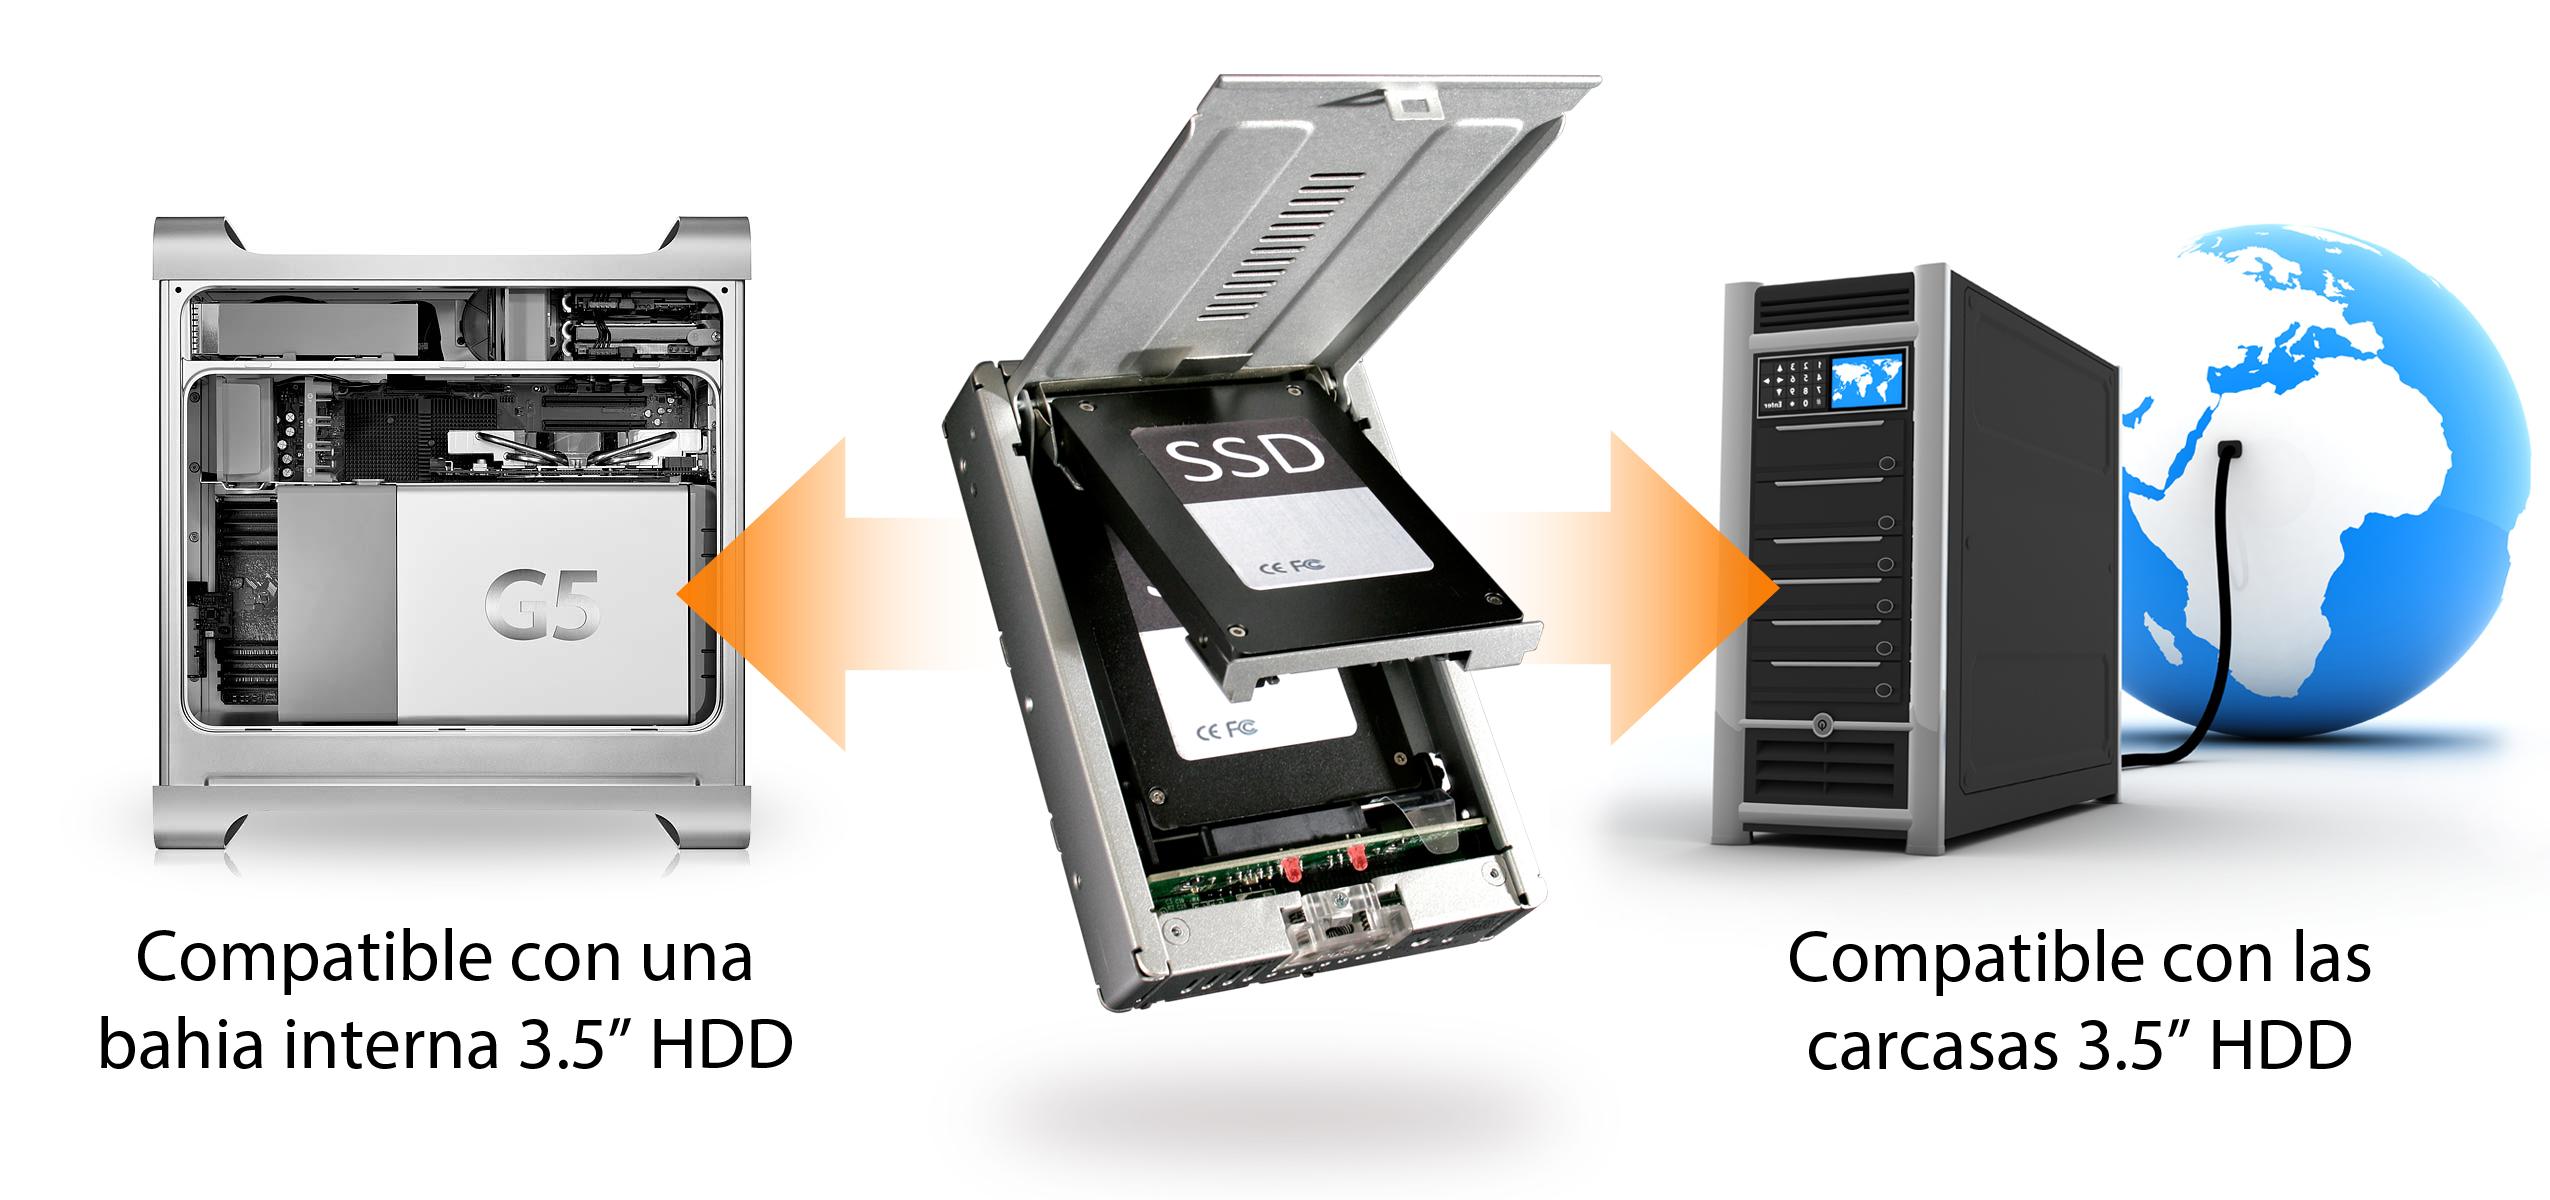 Foto de una bahía interna para discos duros de 3,5 pulgadas y una caja para discos duros de 3,5 pulgadas